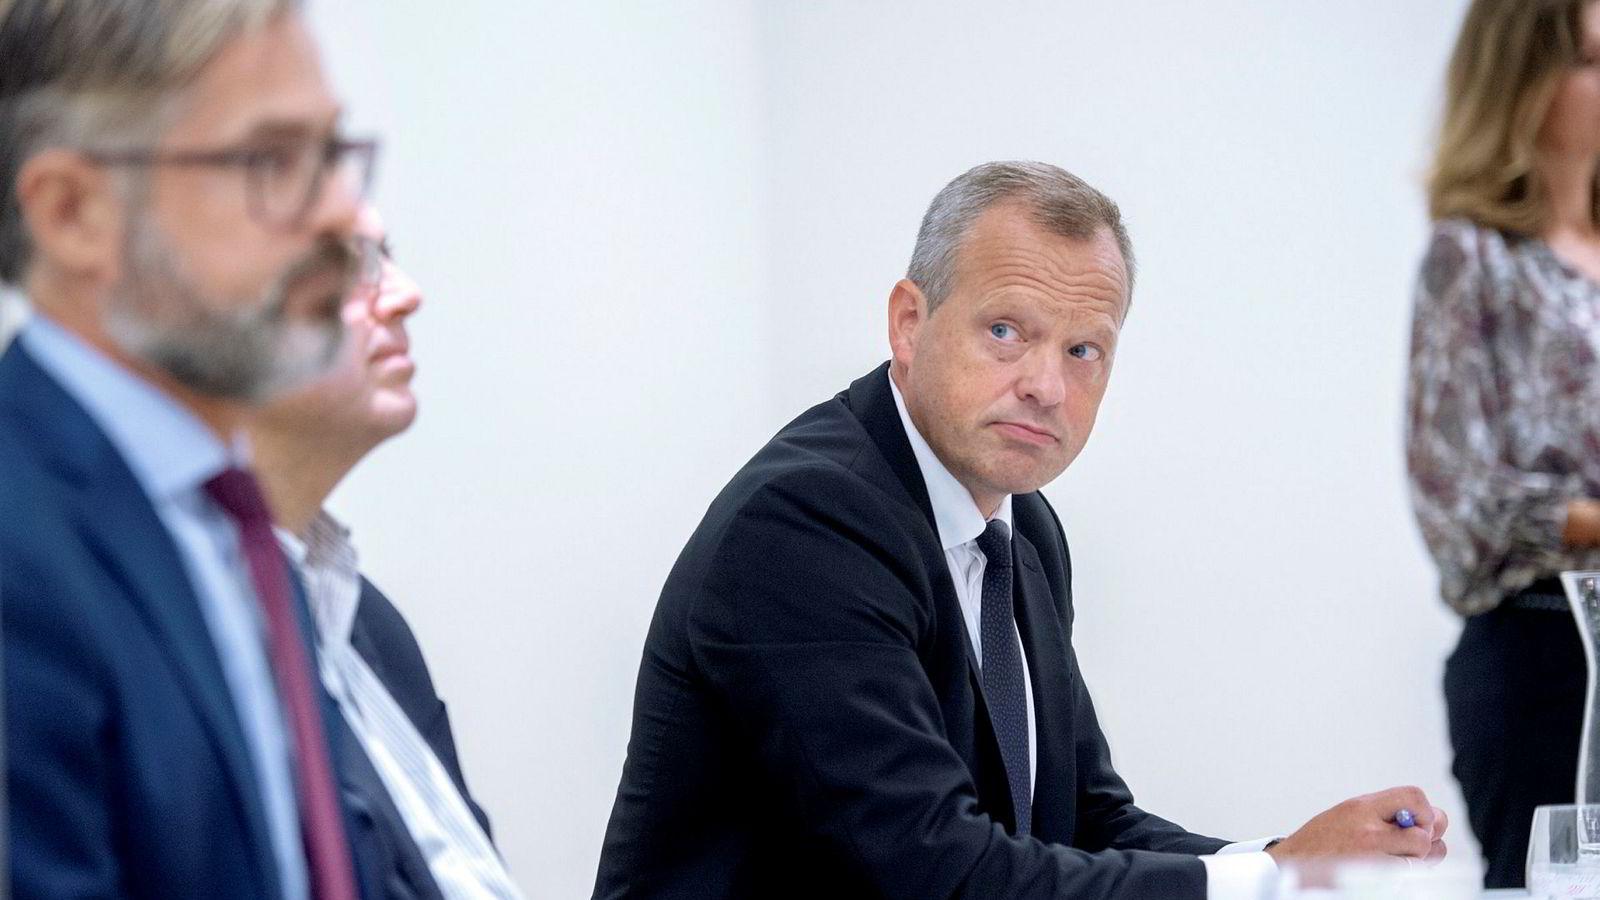 Stig Bech (til høyre) går av som styreleder i Boligbygg. Fra venstre: Thorvald Nyquist og Stein Ove Songstad fra Deloitte, fra offentliggjøringen av granskningsrapporten om Boligbygg til styreleder Bech.